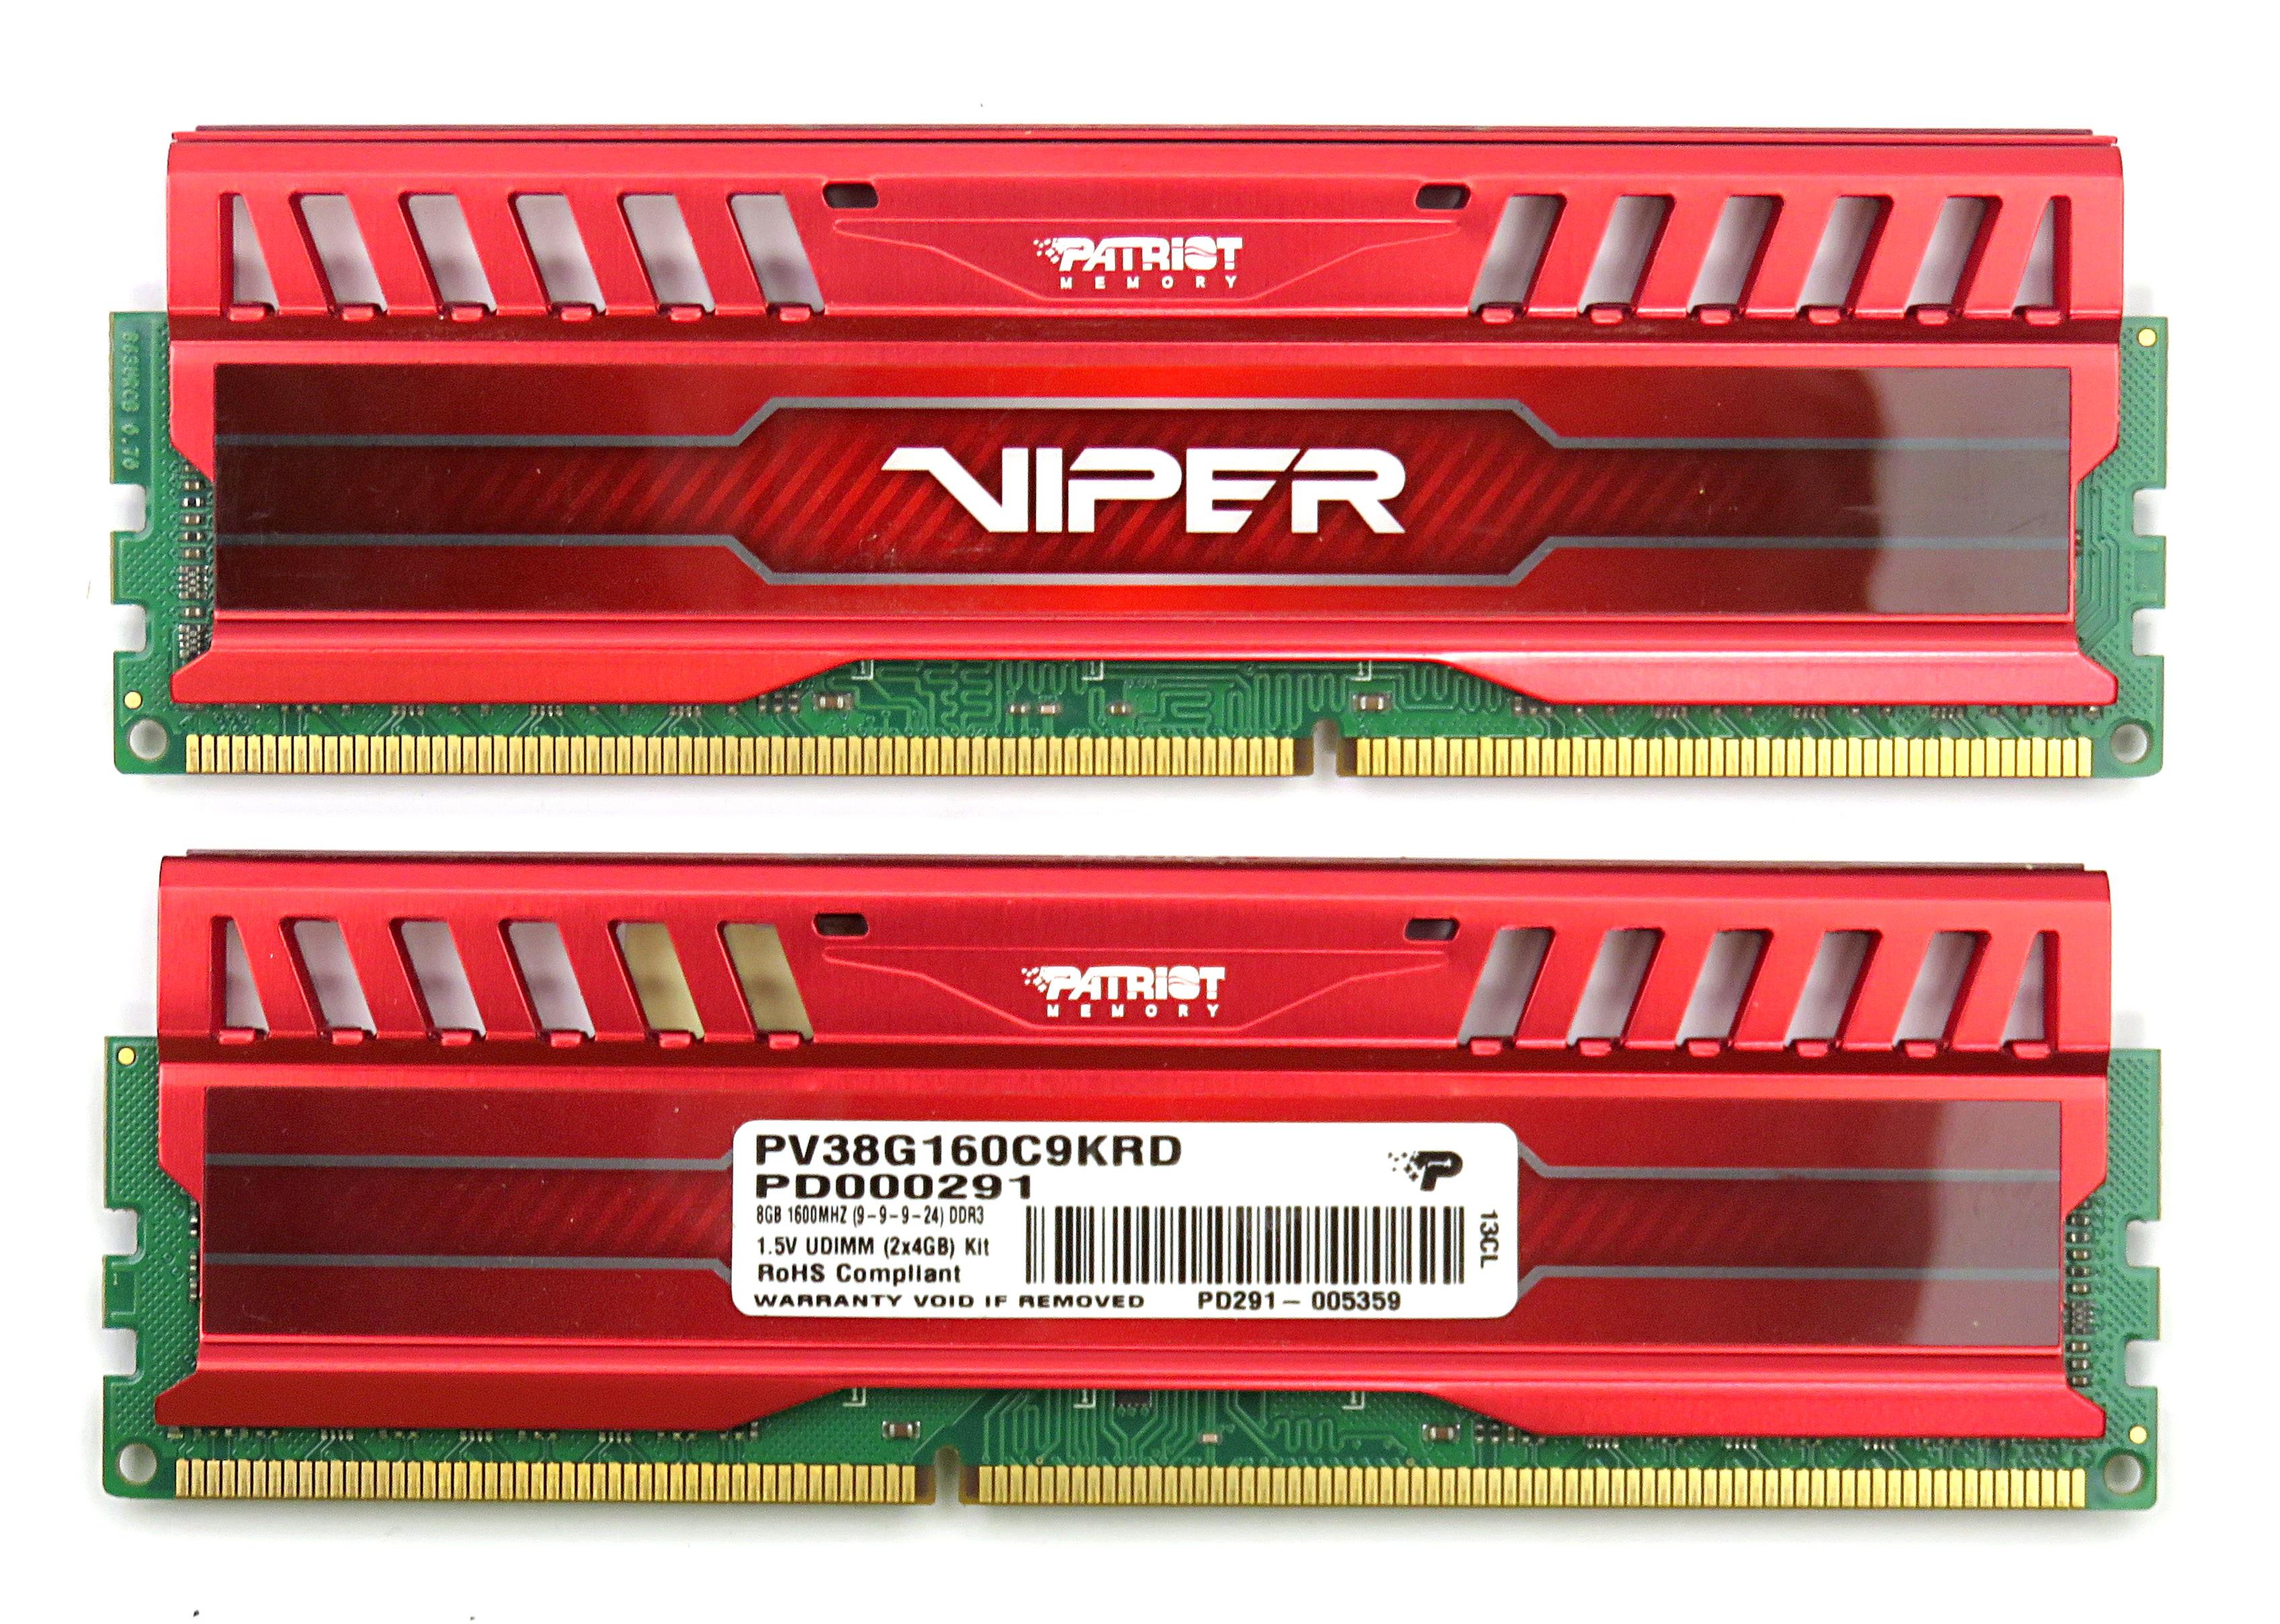 8GB Kit of 2x Patriot Viper 4GB PC3-12800 DDR3 DIMM PV38G160C9KRD, Red